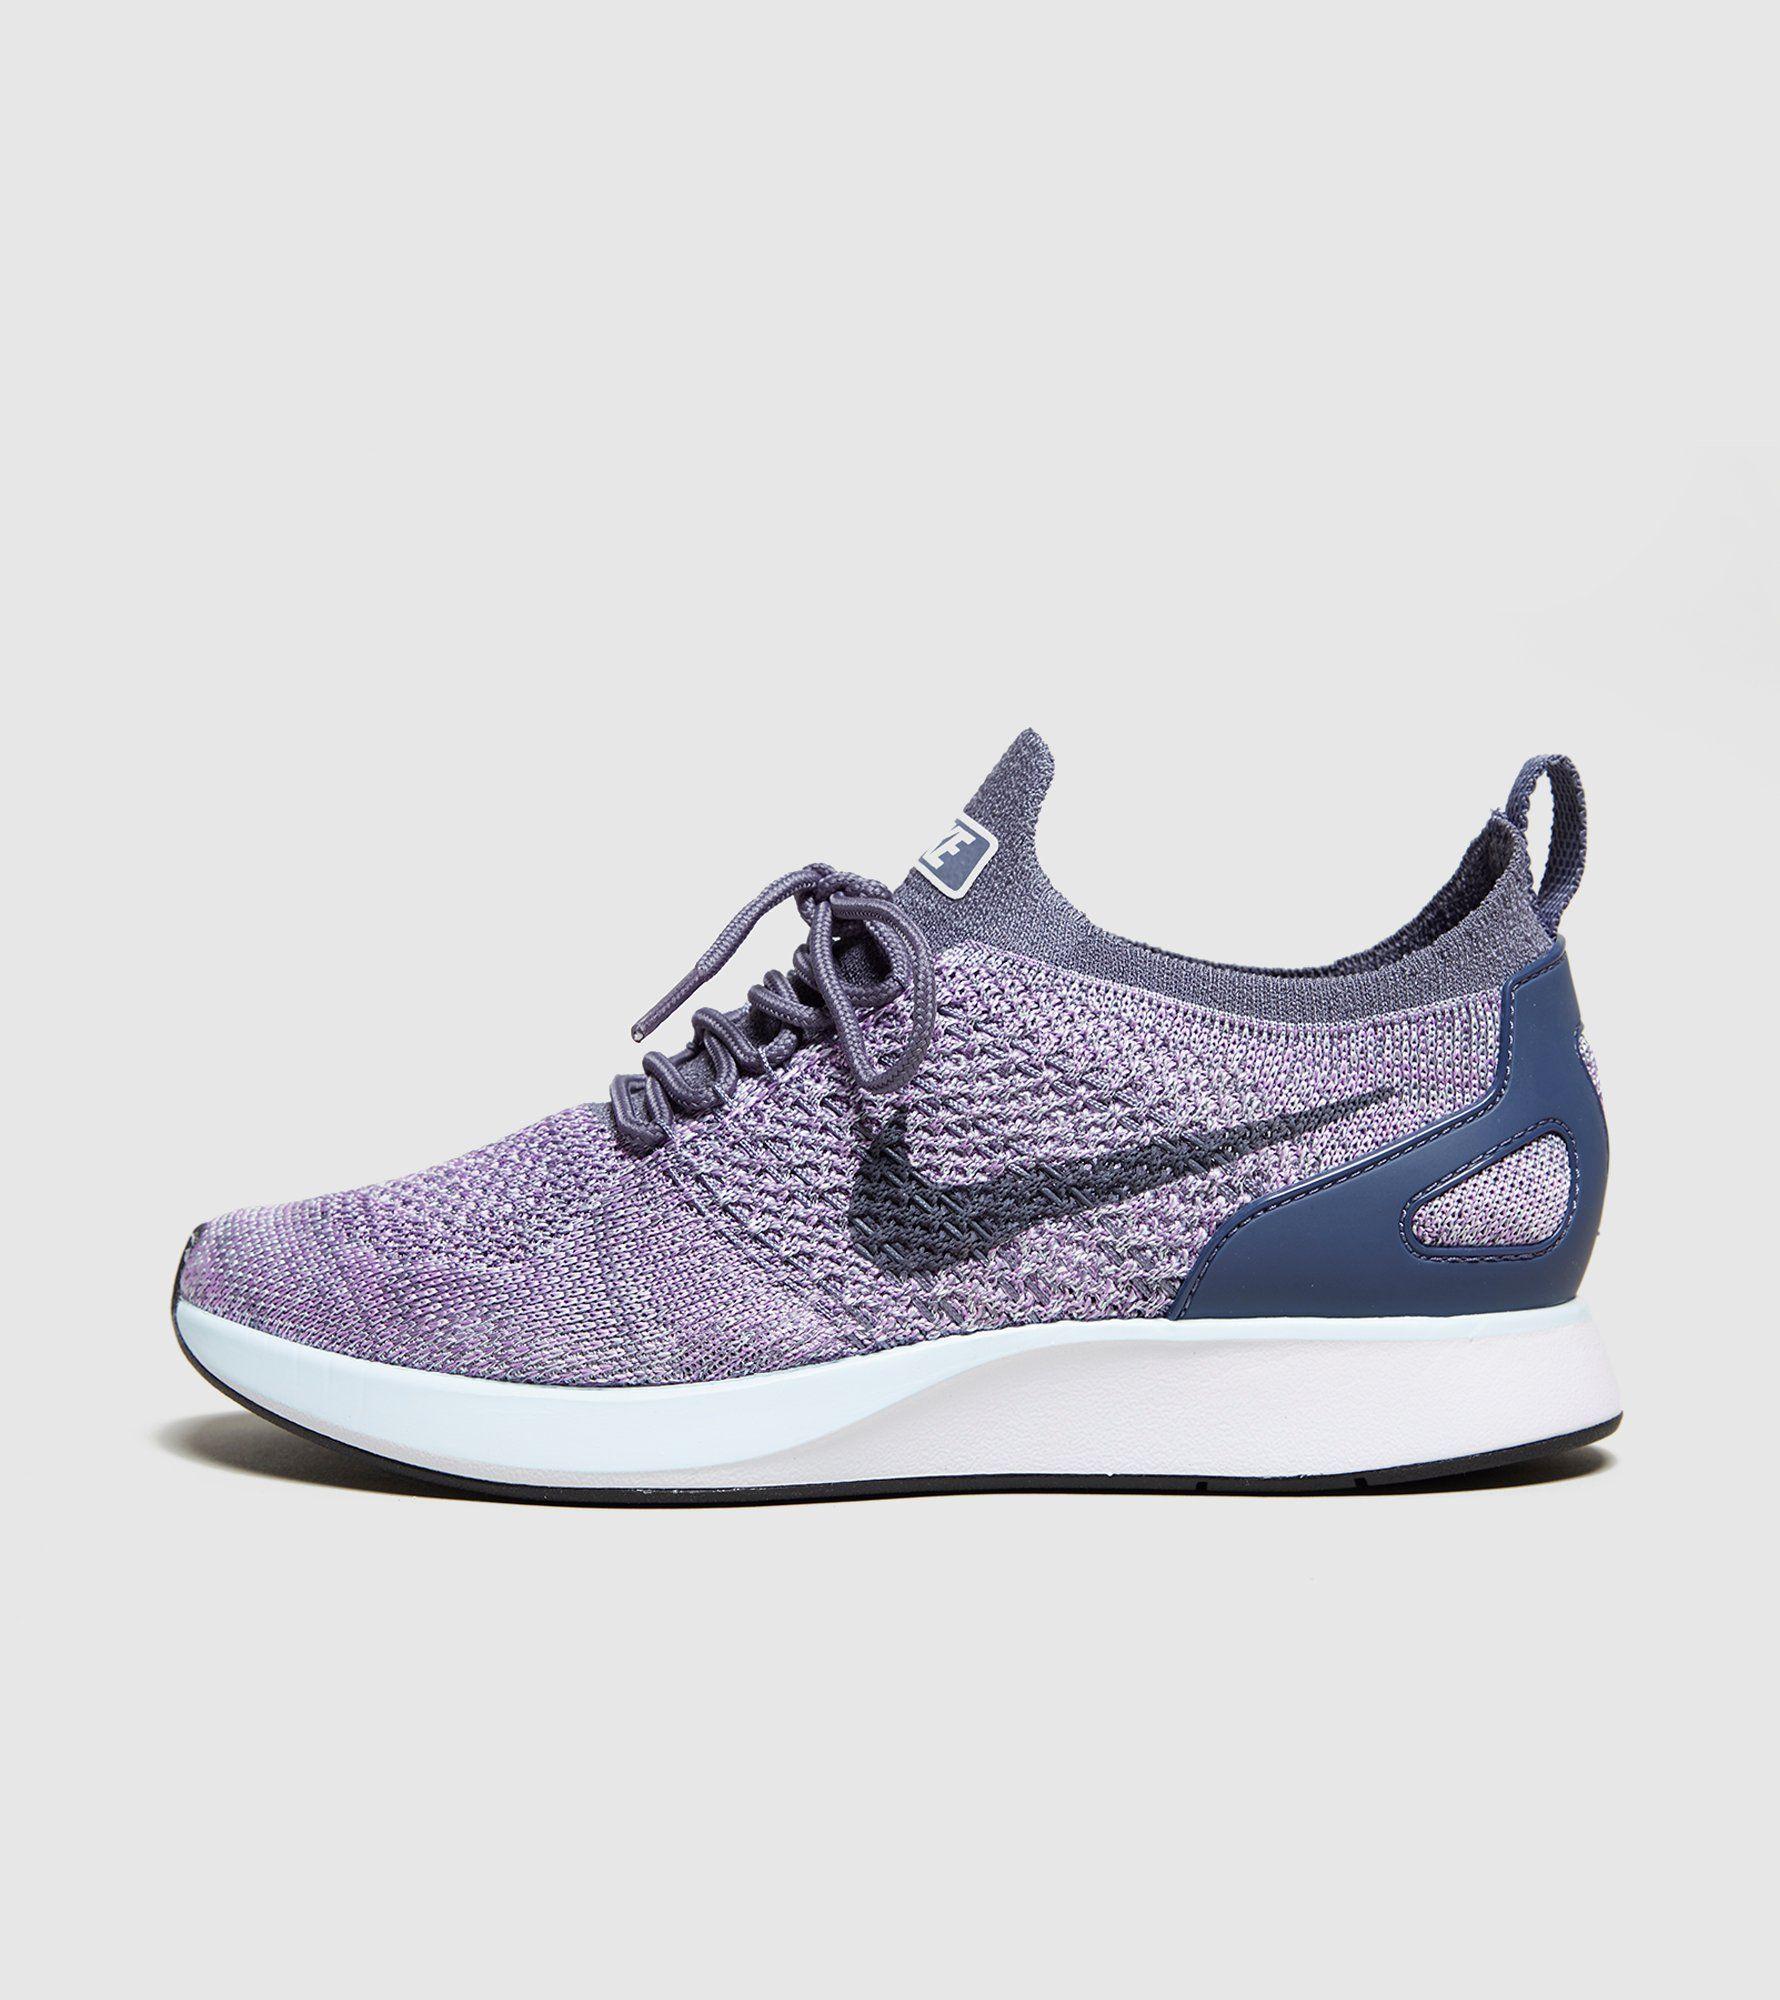 Nike Air Zoom Mariah Flyknit Racerback Femme